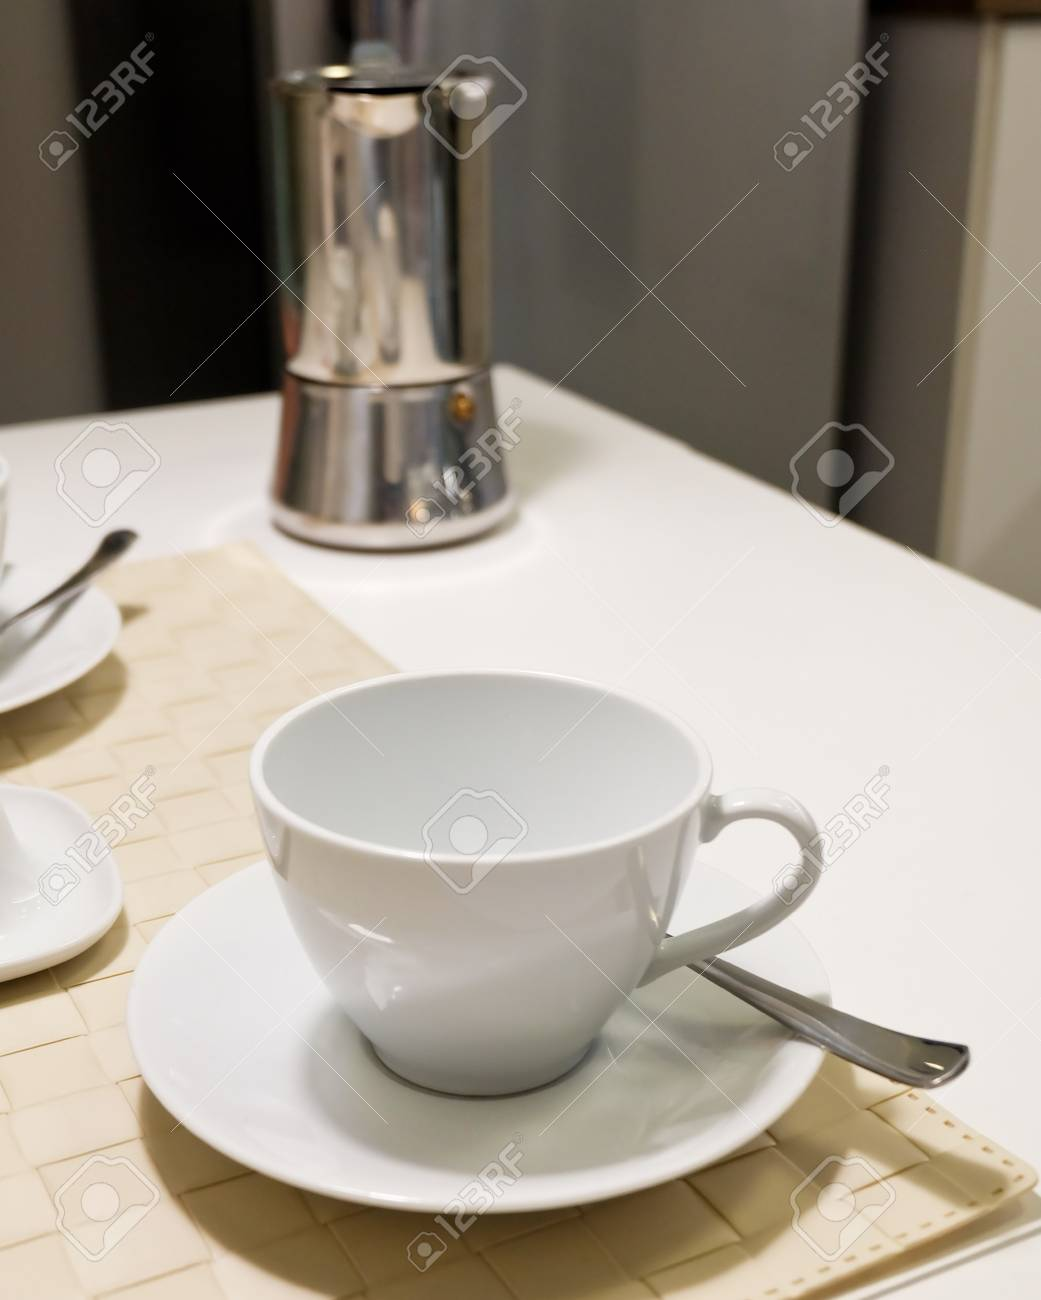 Cucina e cibo, bianco ceramica tazza di caffè con French Press caffè sul  tavolo usato per preparare e bere il caffè.